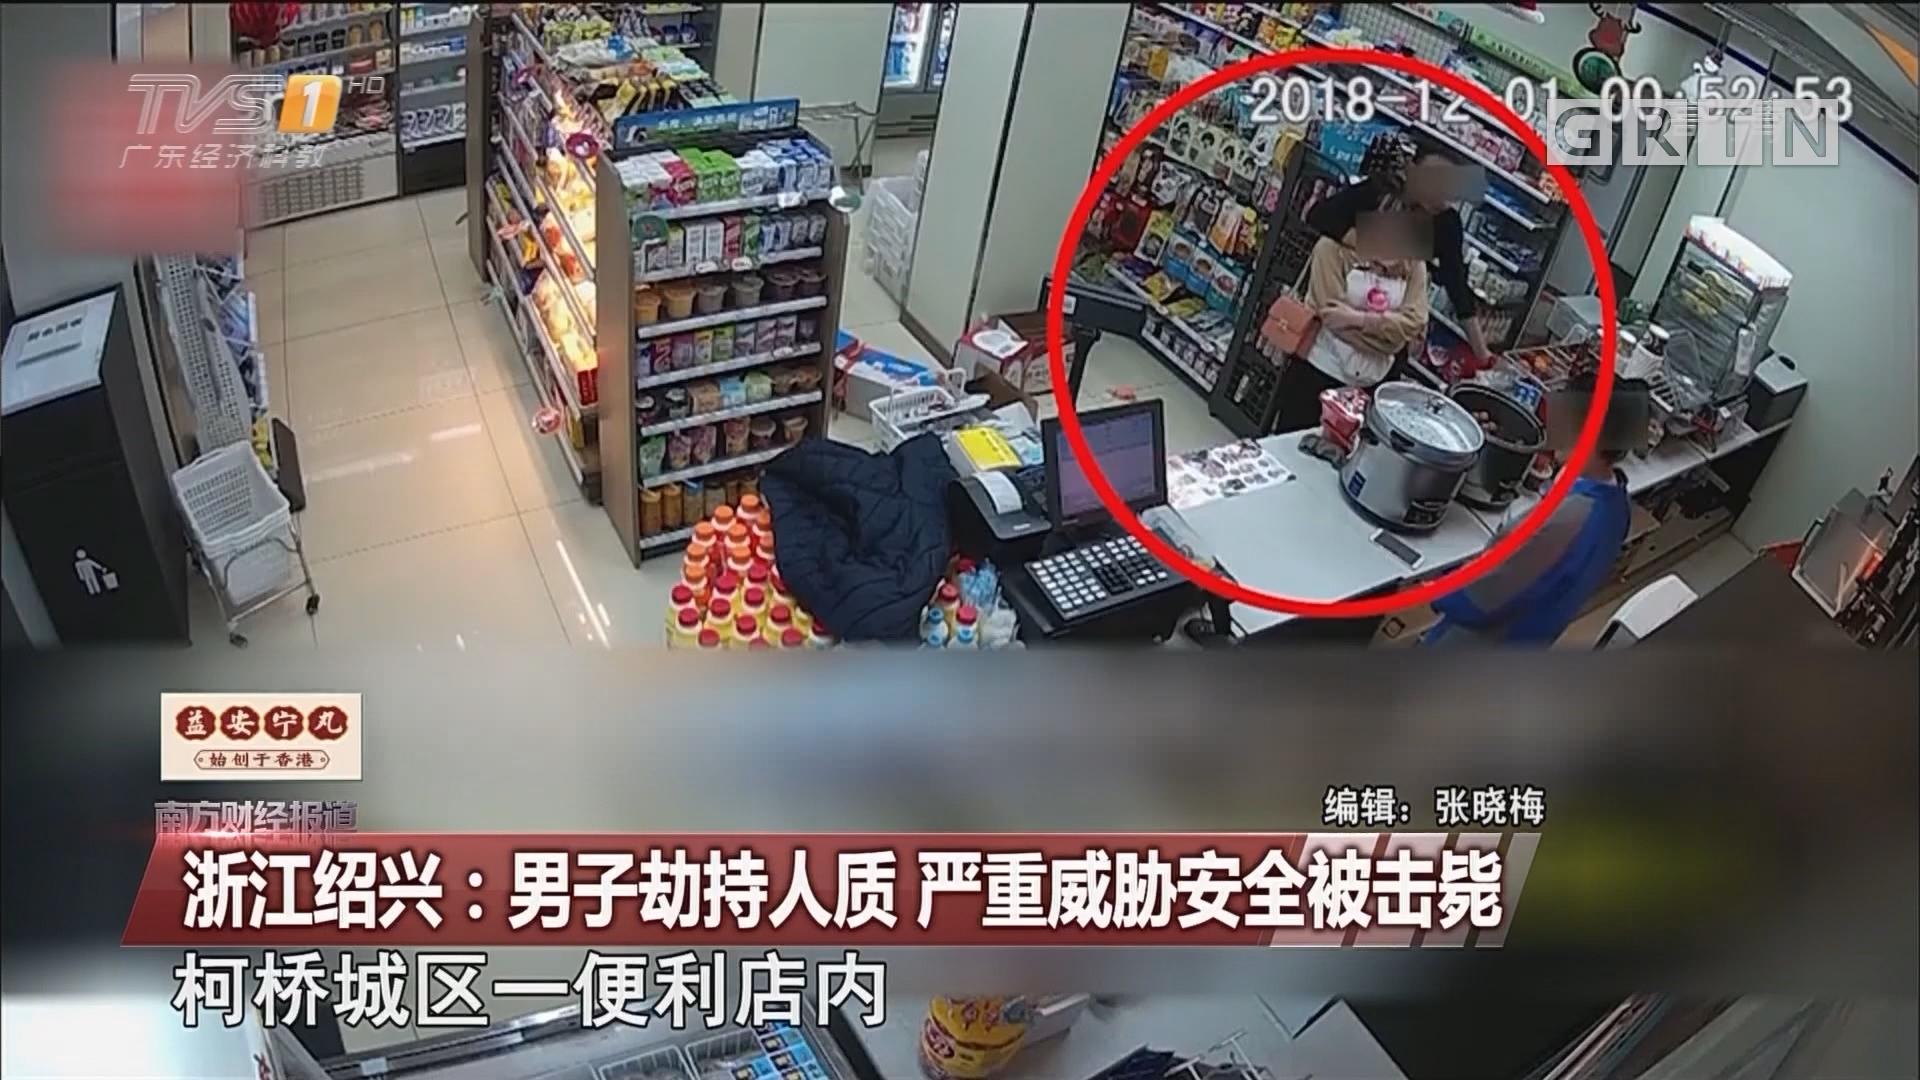 浙江绍兴:男子劫持人质 严重威胁安全被击毙